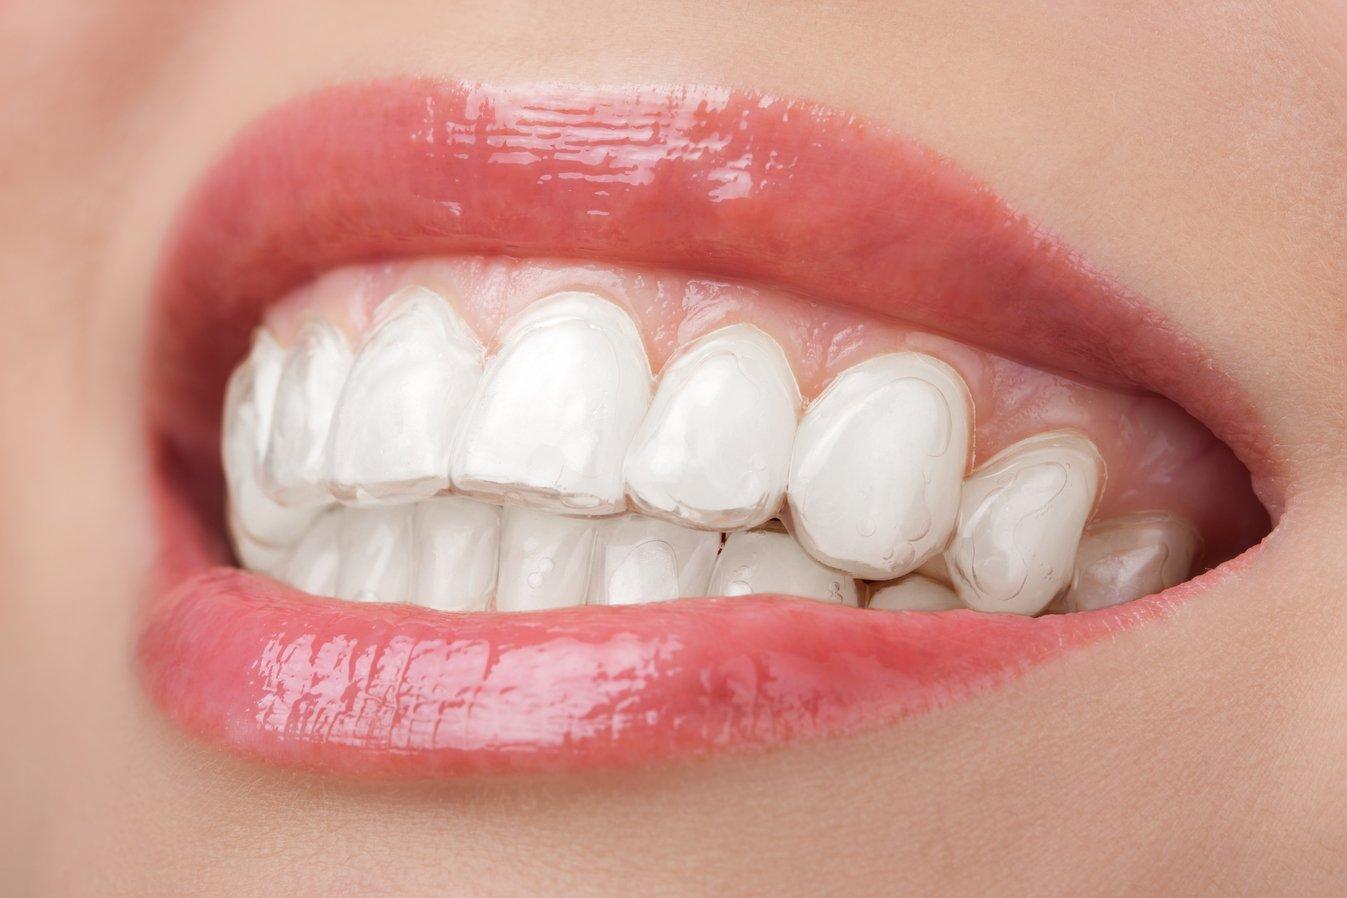 Teeth whitening vs teeth bleaching